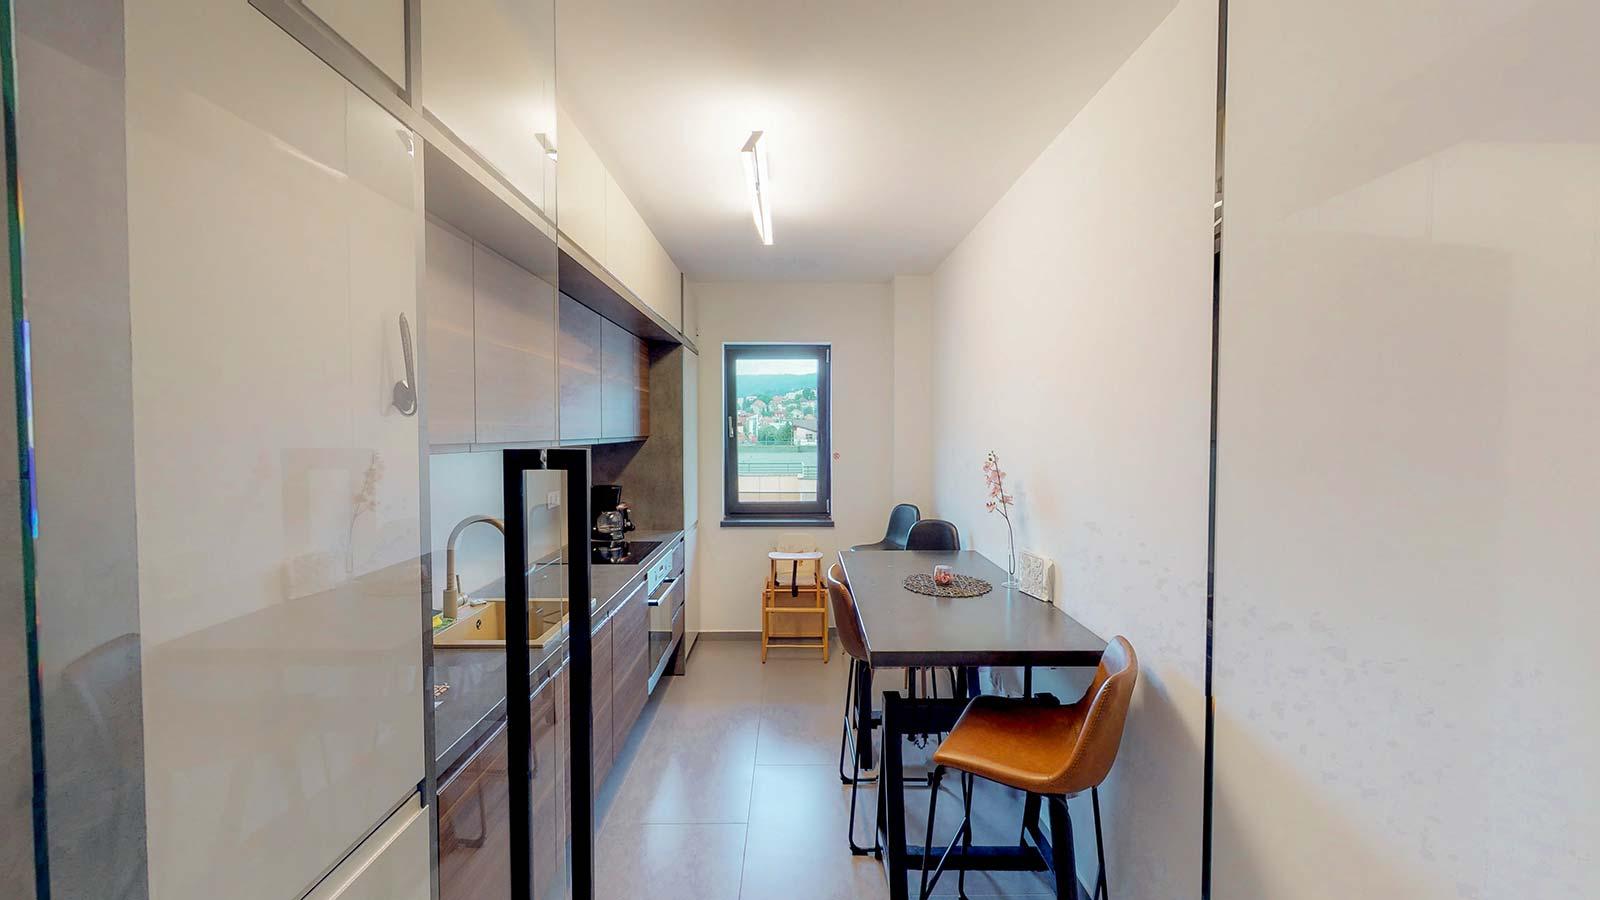 Bucătărie mobilată, îngustă, cu o tematică în culori neutre, preponderent fiind griul